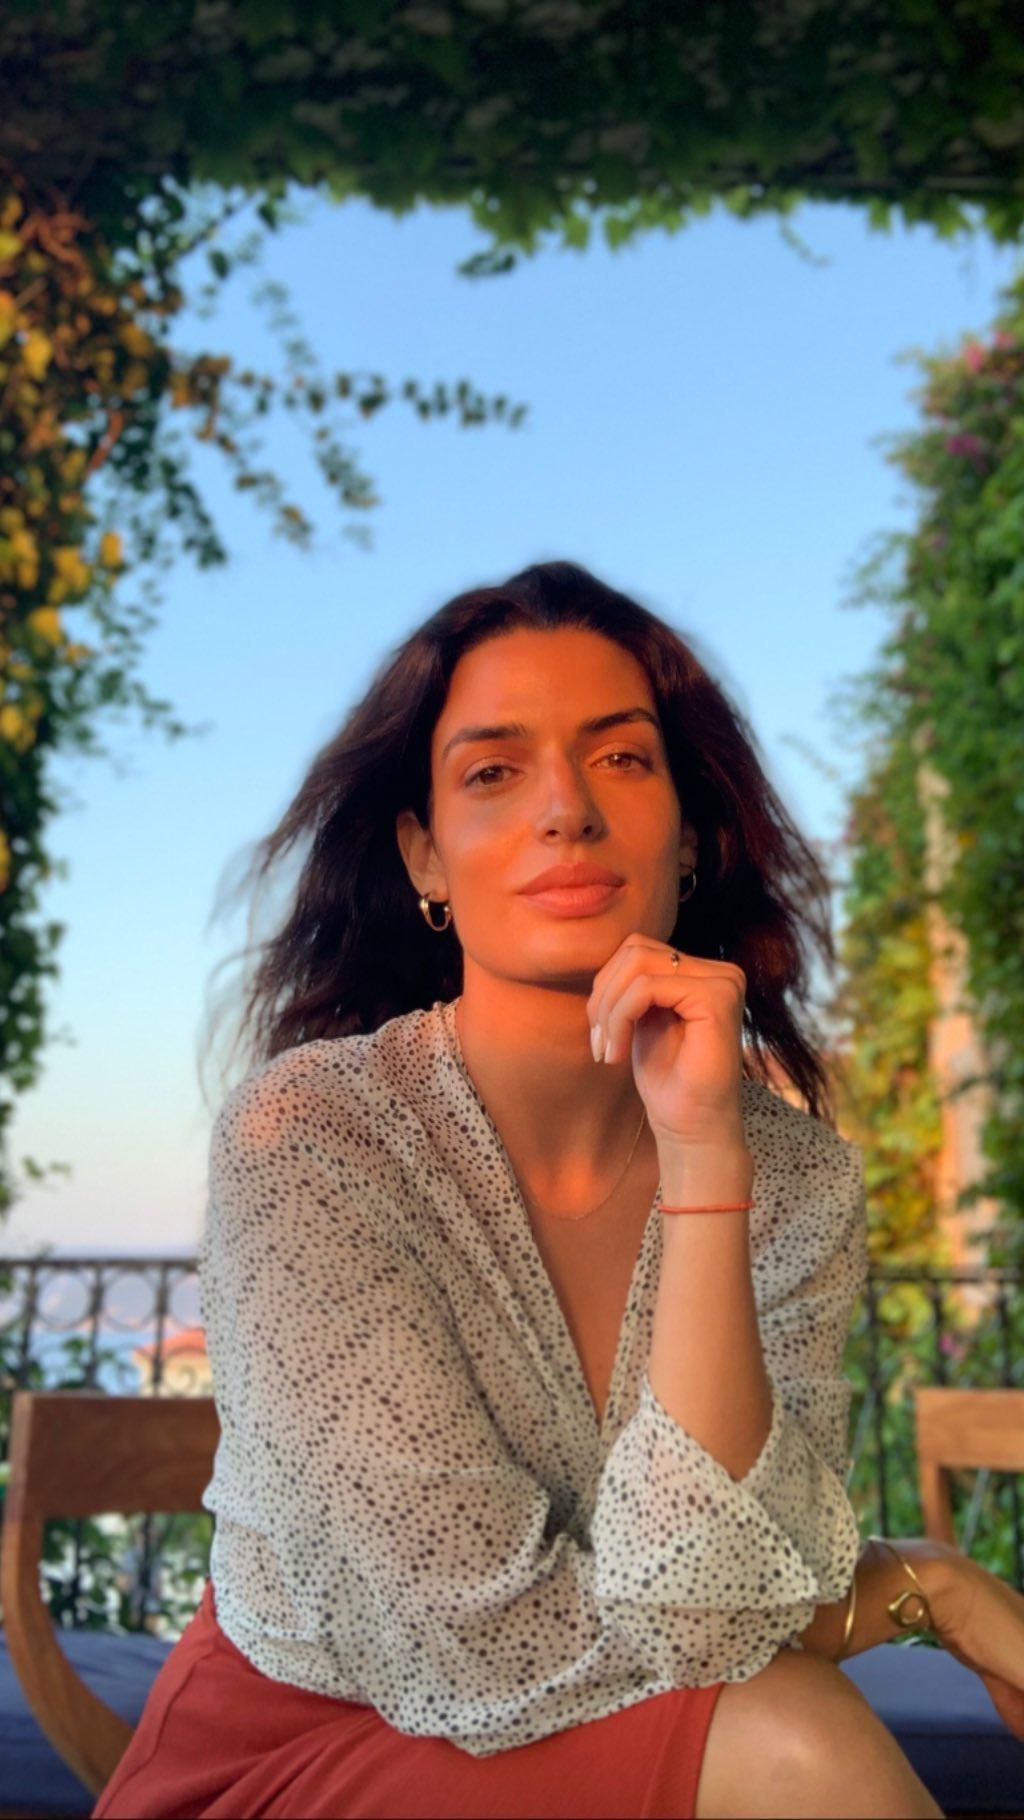 Τόνια Σωτηροπούλου: Απόδραση στην Κεφαλονιά με τον Κωστή Μαραβέγια! [pics,video]